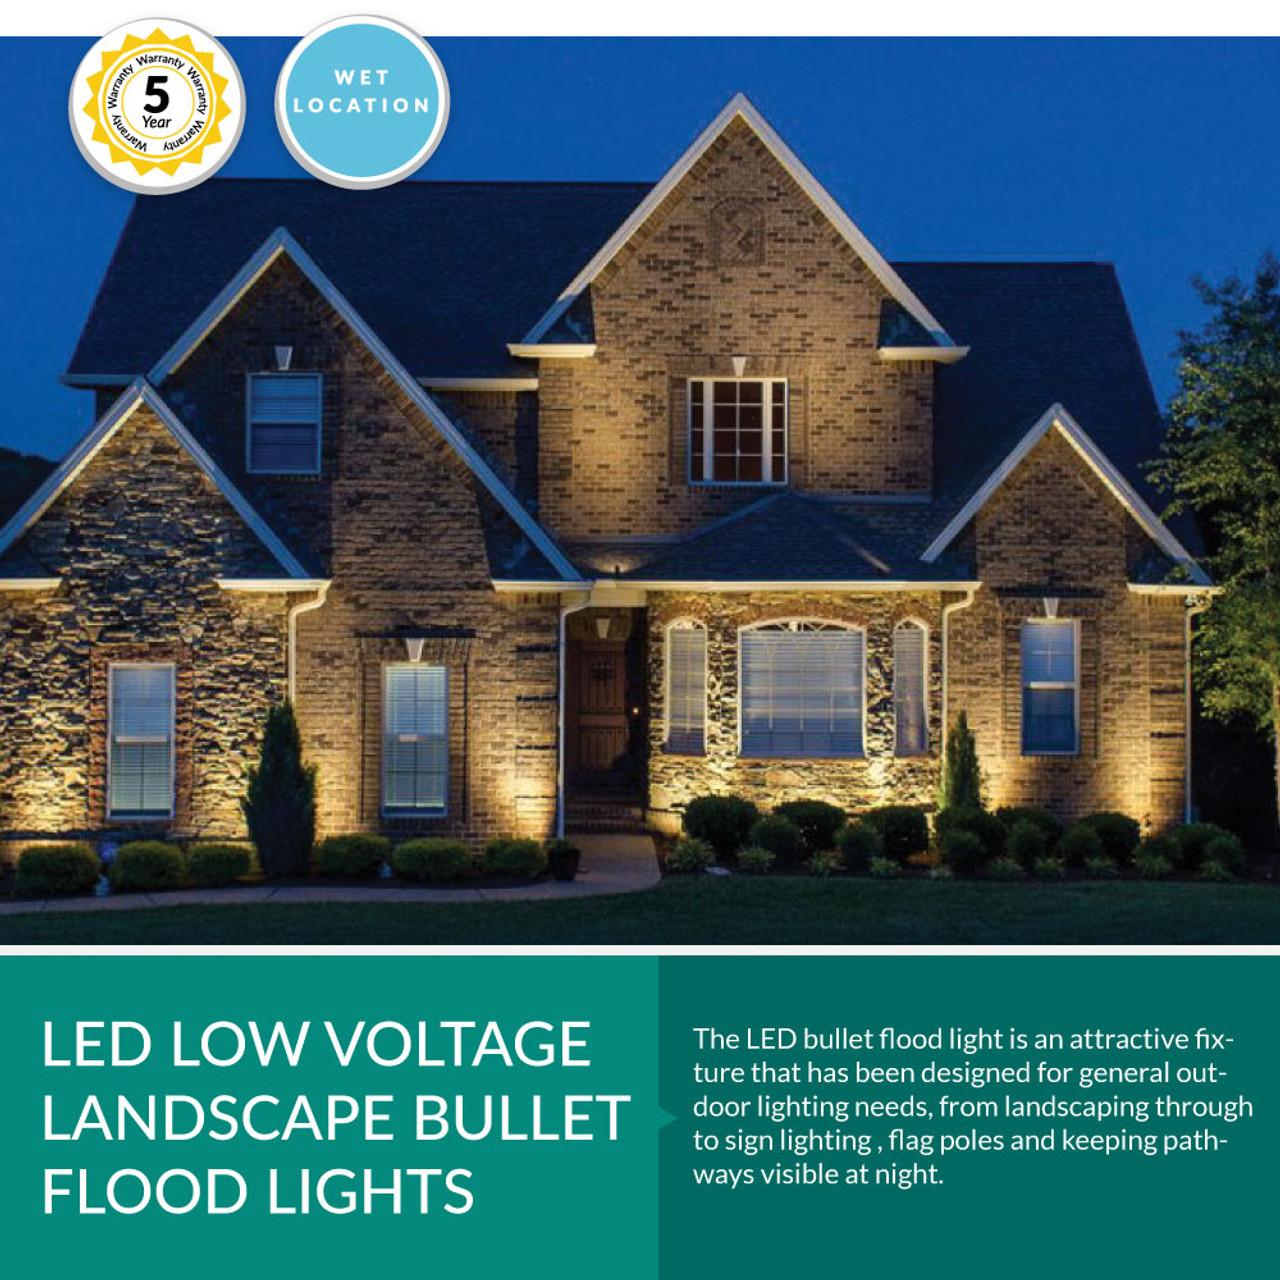 low voltage led landscape bullet flood light